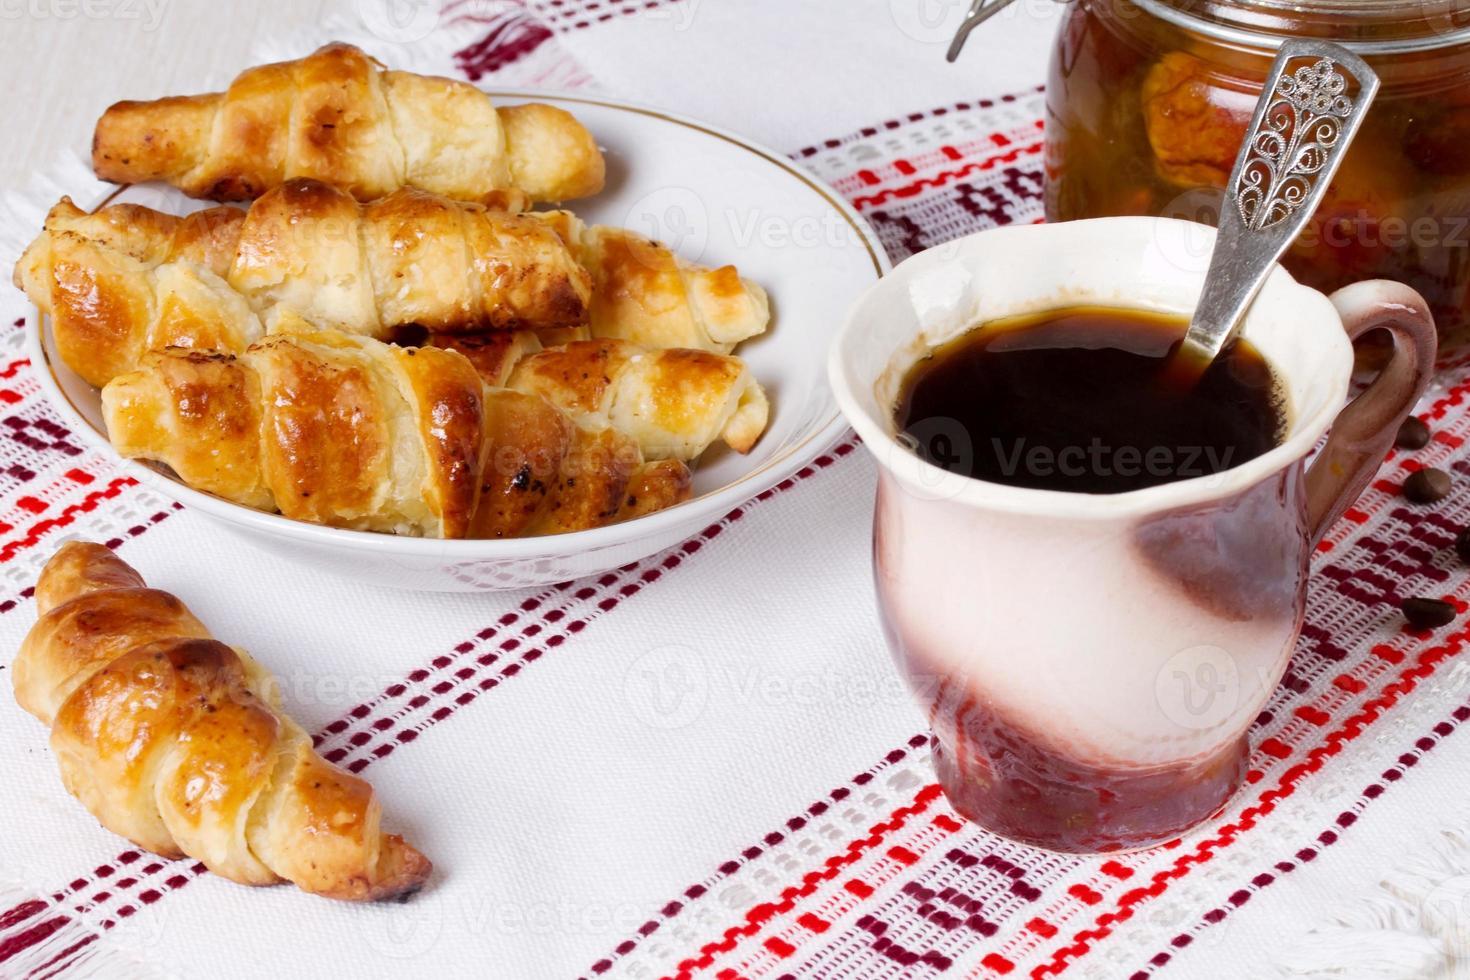 desayuno francés - café y cruasanes foto